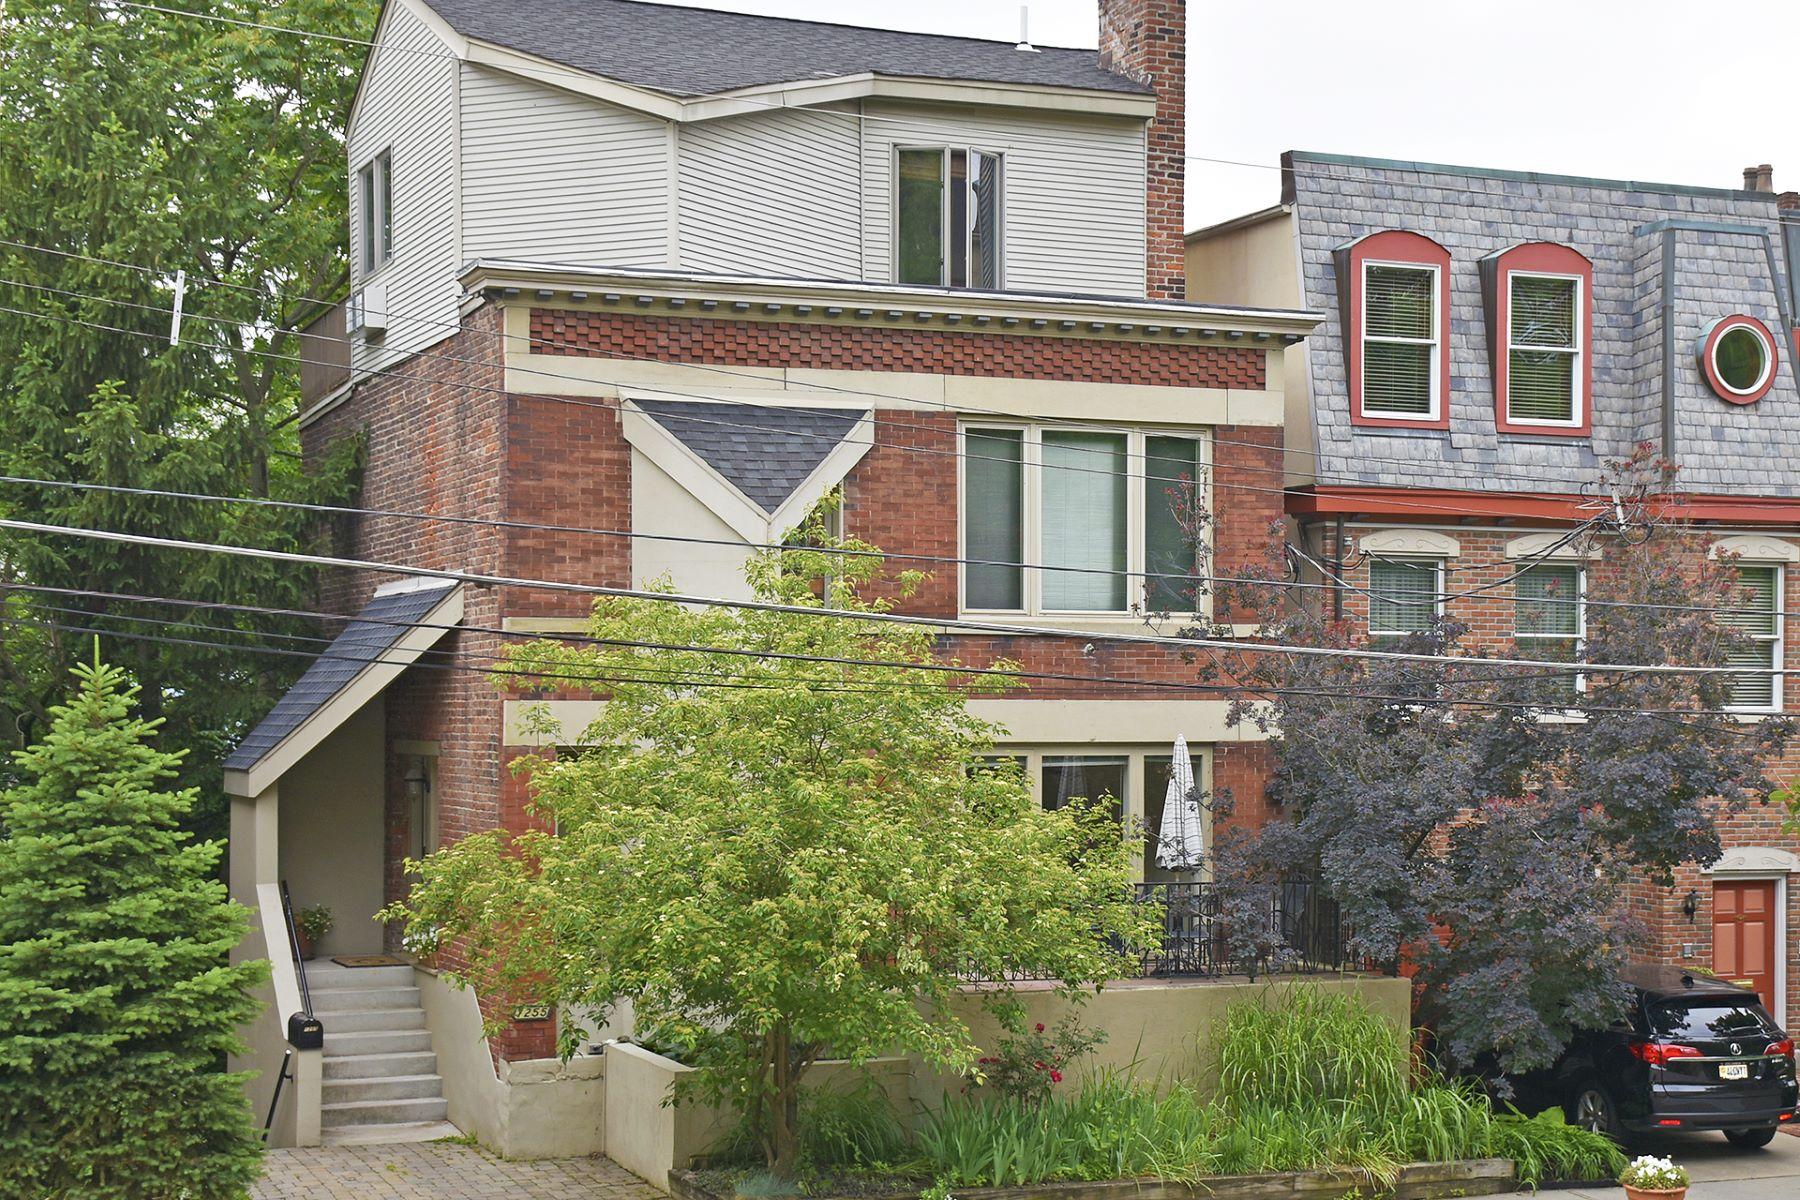 Maison unifamiliale pour l à vendre à 1255 Ida St 1255 Ida St, Mount Adams, Cincinnati, Ohio, 45202 États-Unis